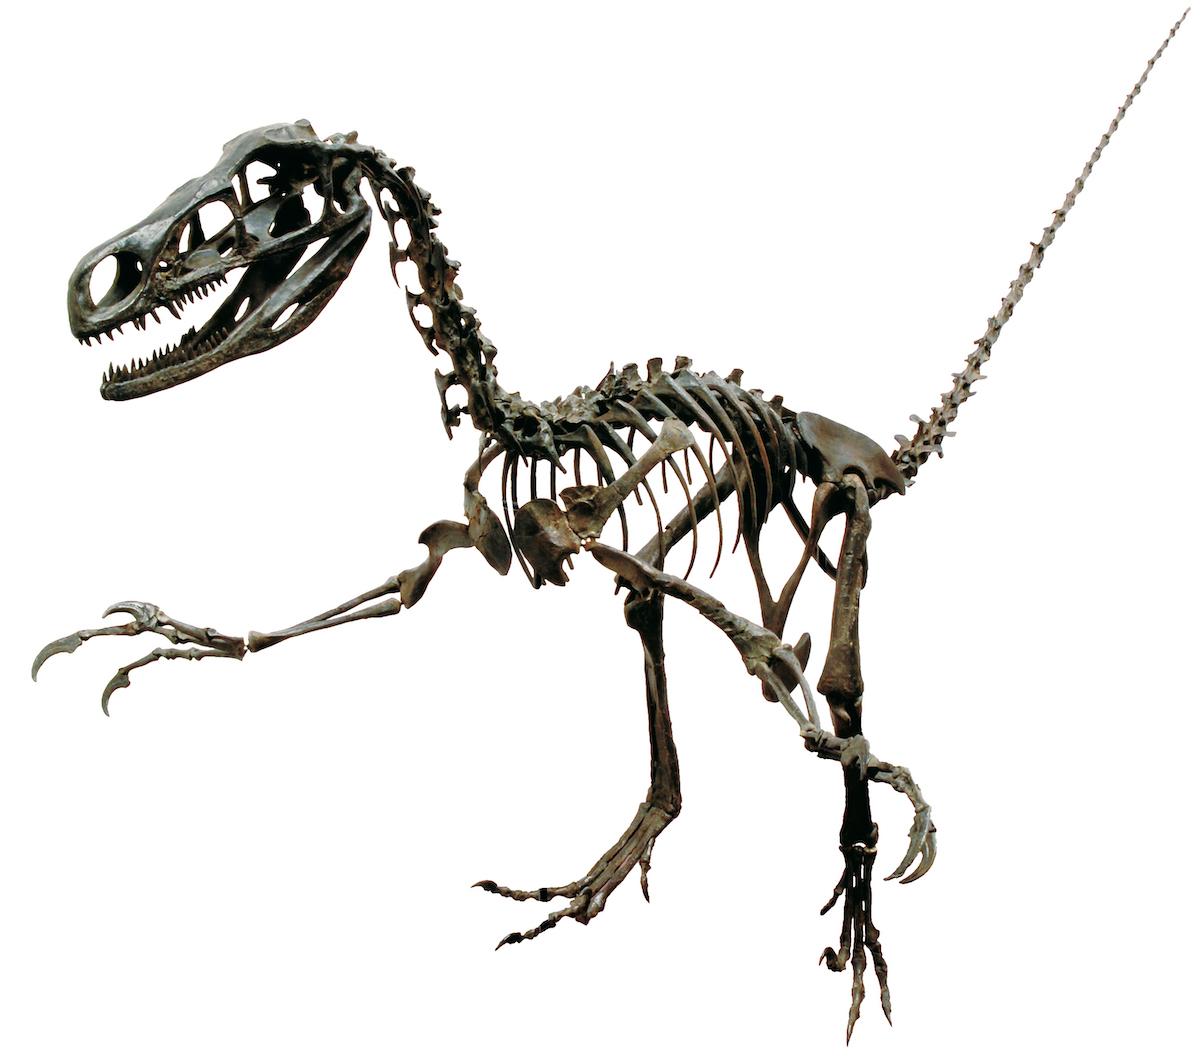 「フクイベナートル」 福井県立恐竜博物館所蔵